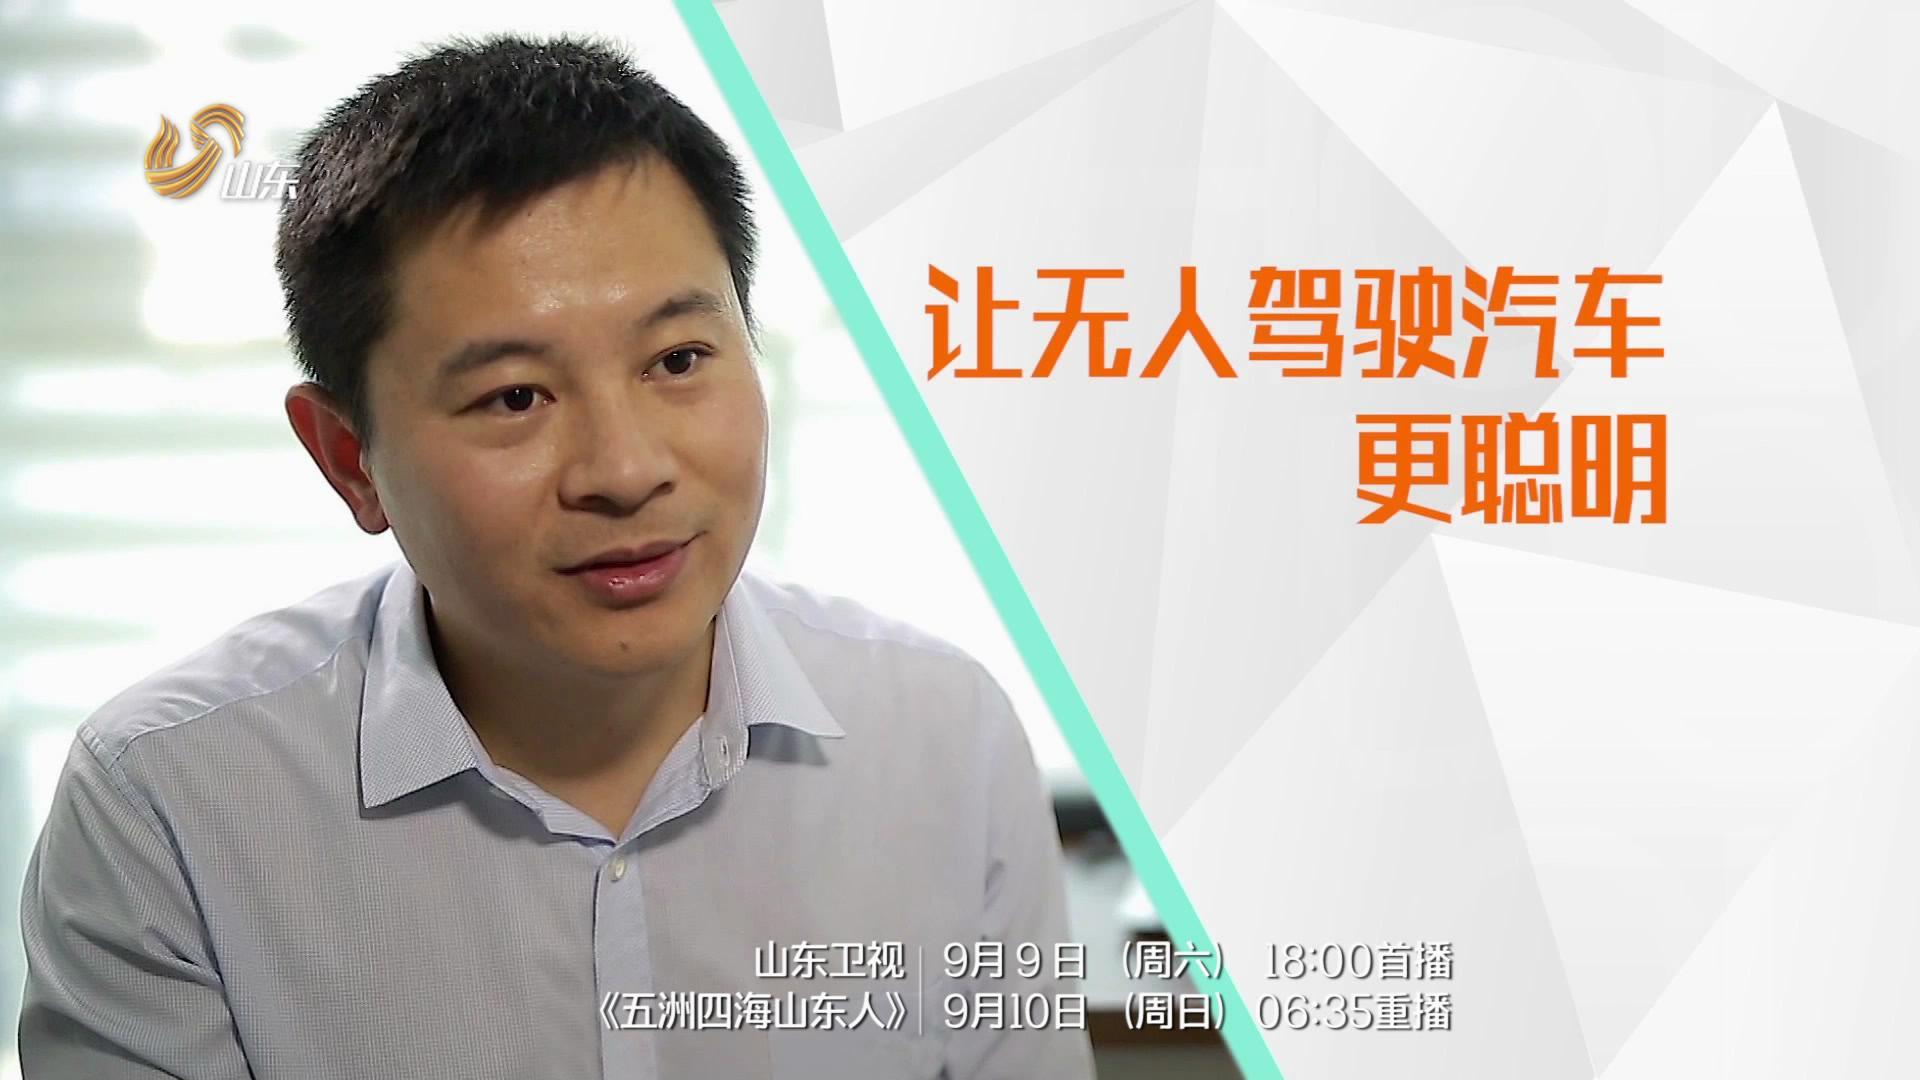 李升波:让无人驾驶汽车更聪明